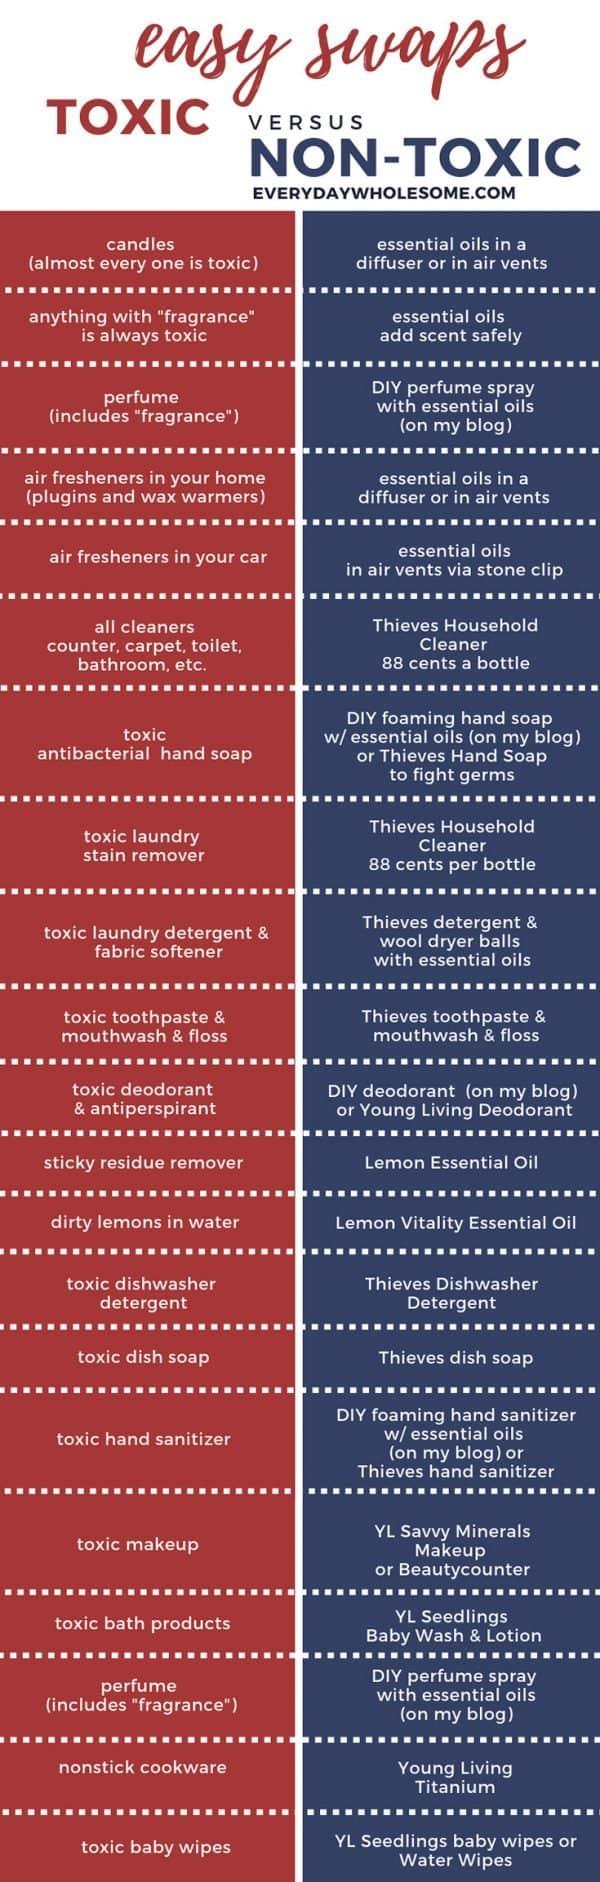 easy swaps toxic vs nontoxic